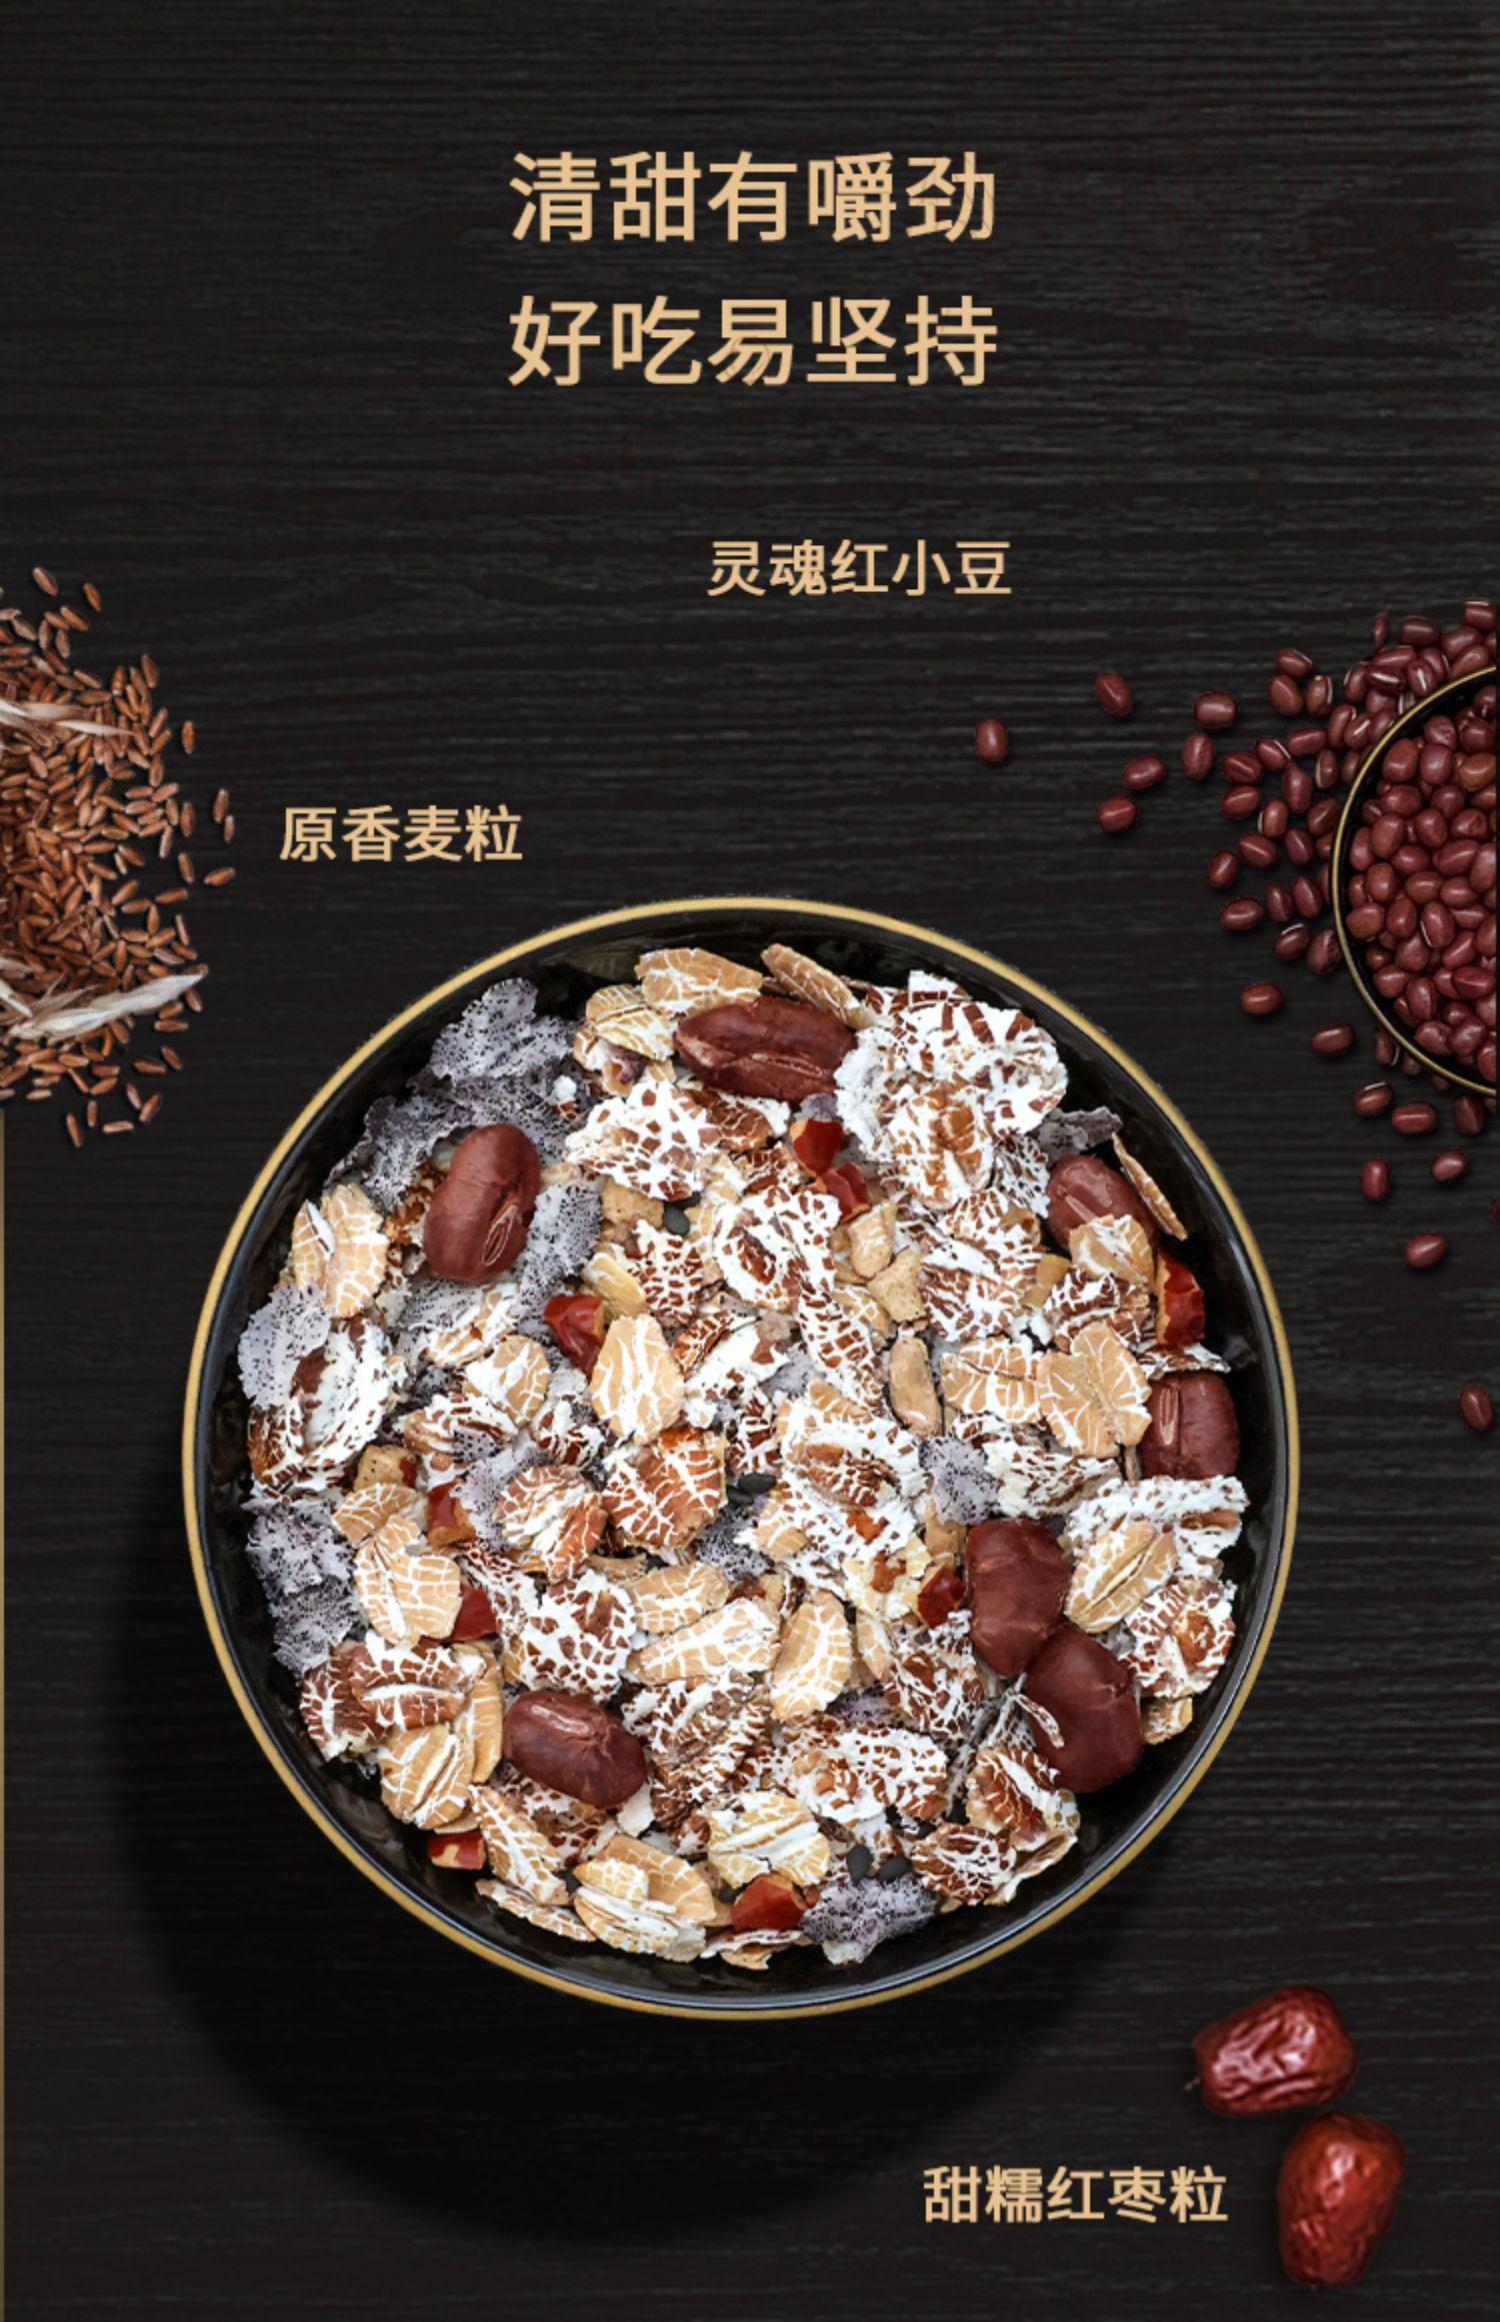 【好麦多】五黑纯燕麦片350g*2大袋